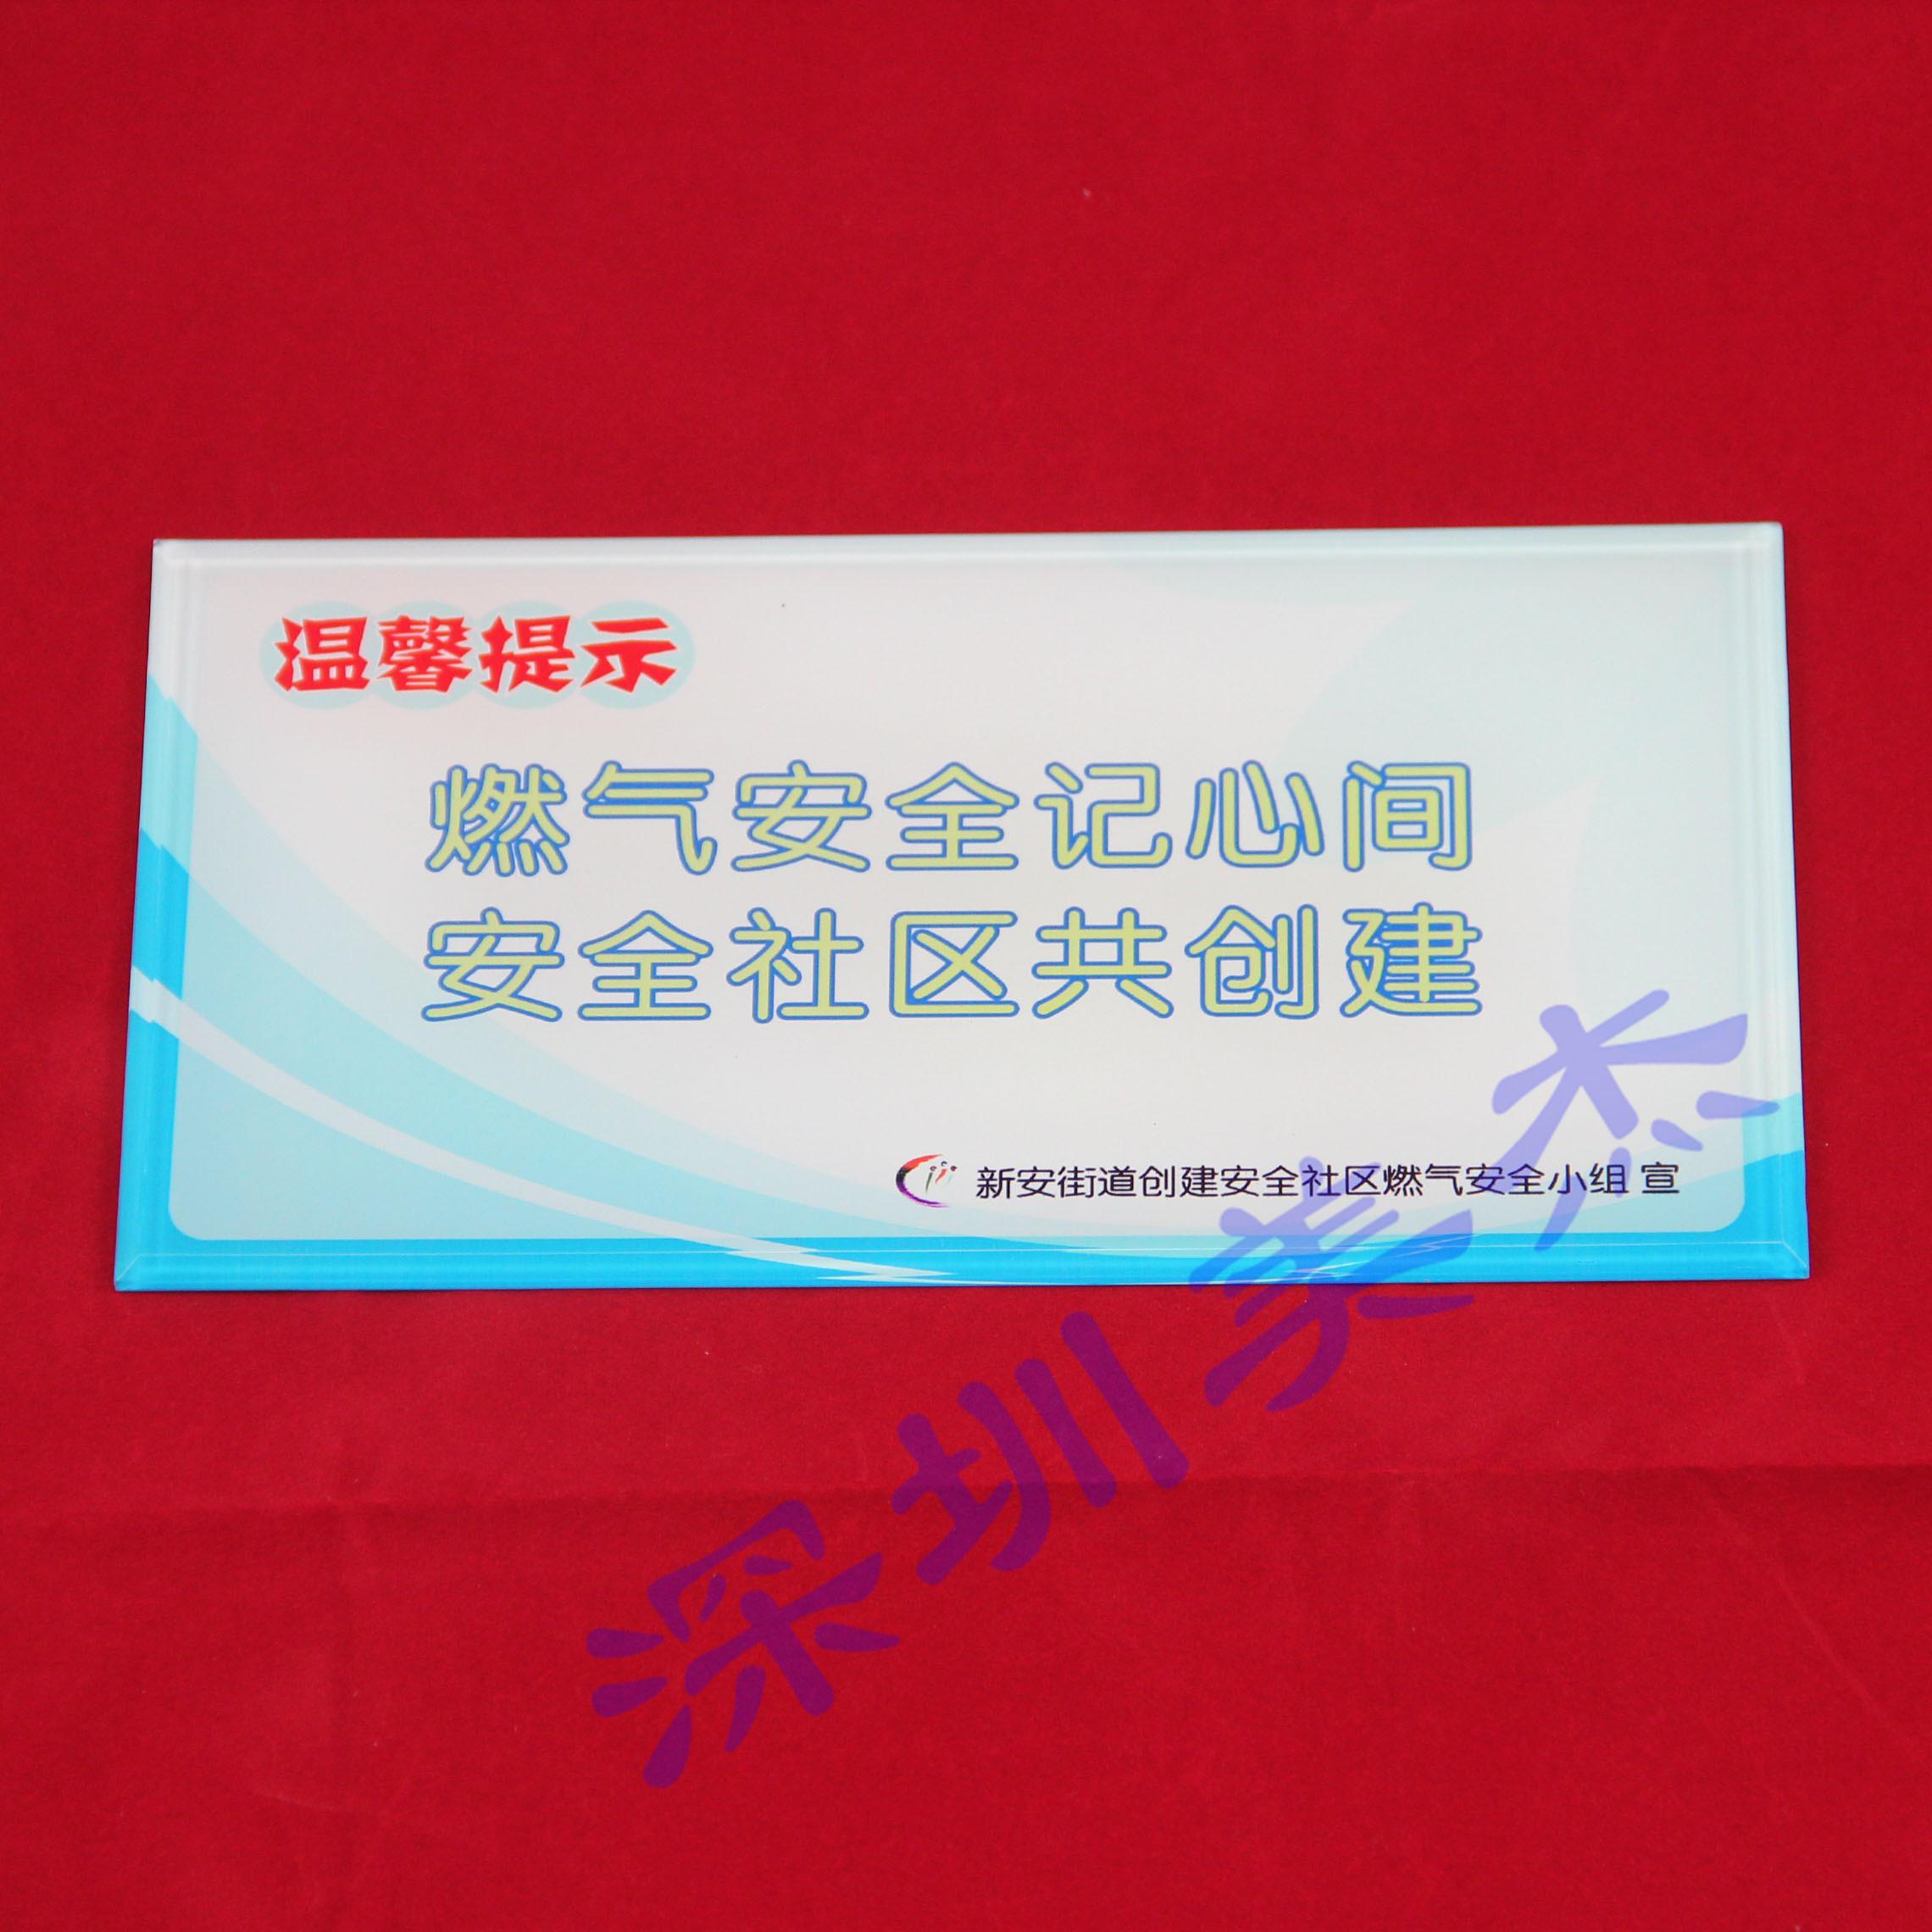 (深圳)新安街道社区说:美杰公司亚克力标识牌,信得过